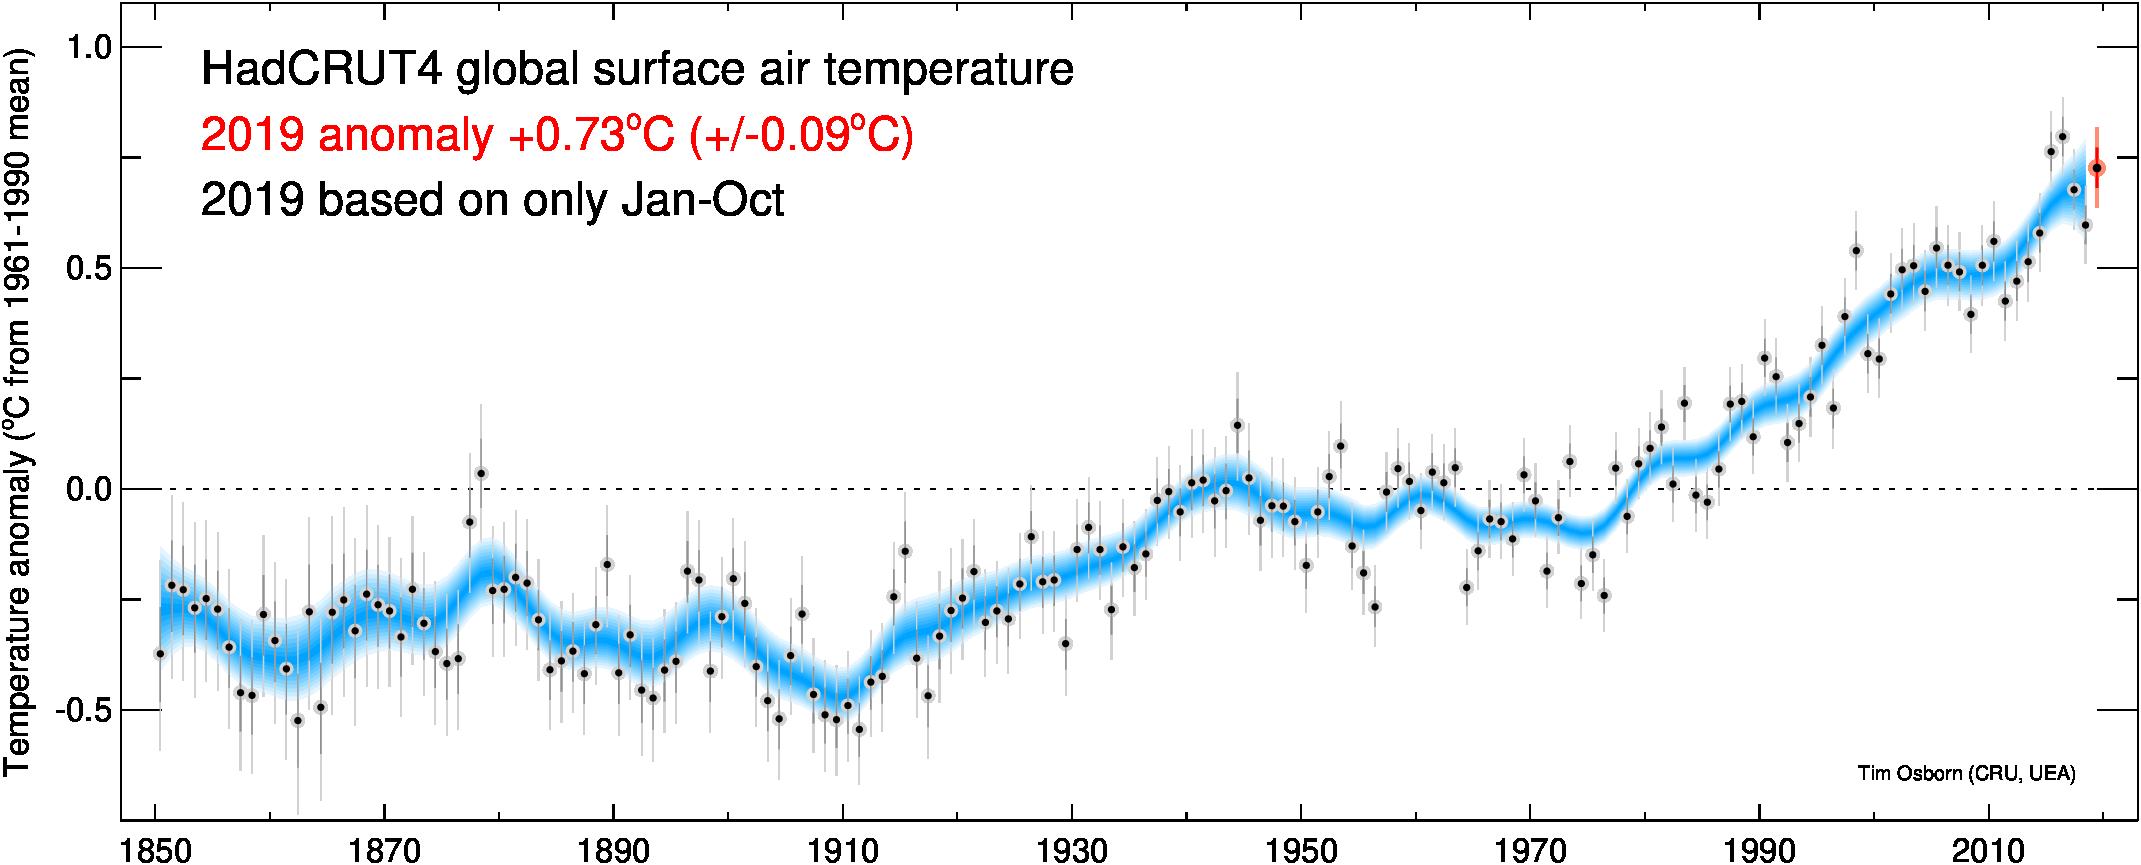 Den globala temperaturutvecklingen enligt HadCRUT